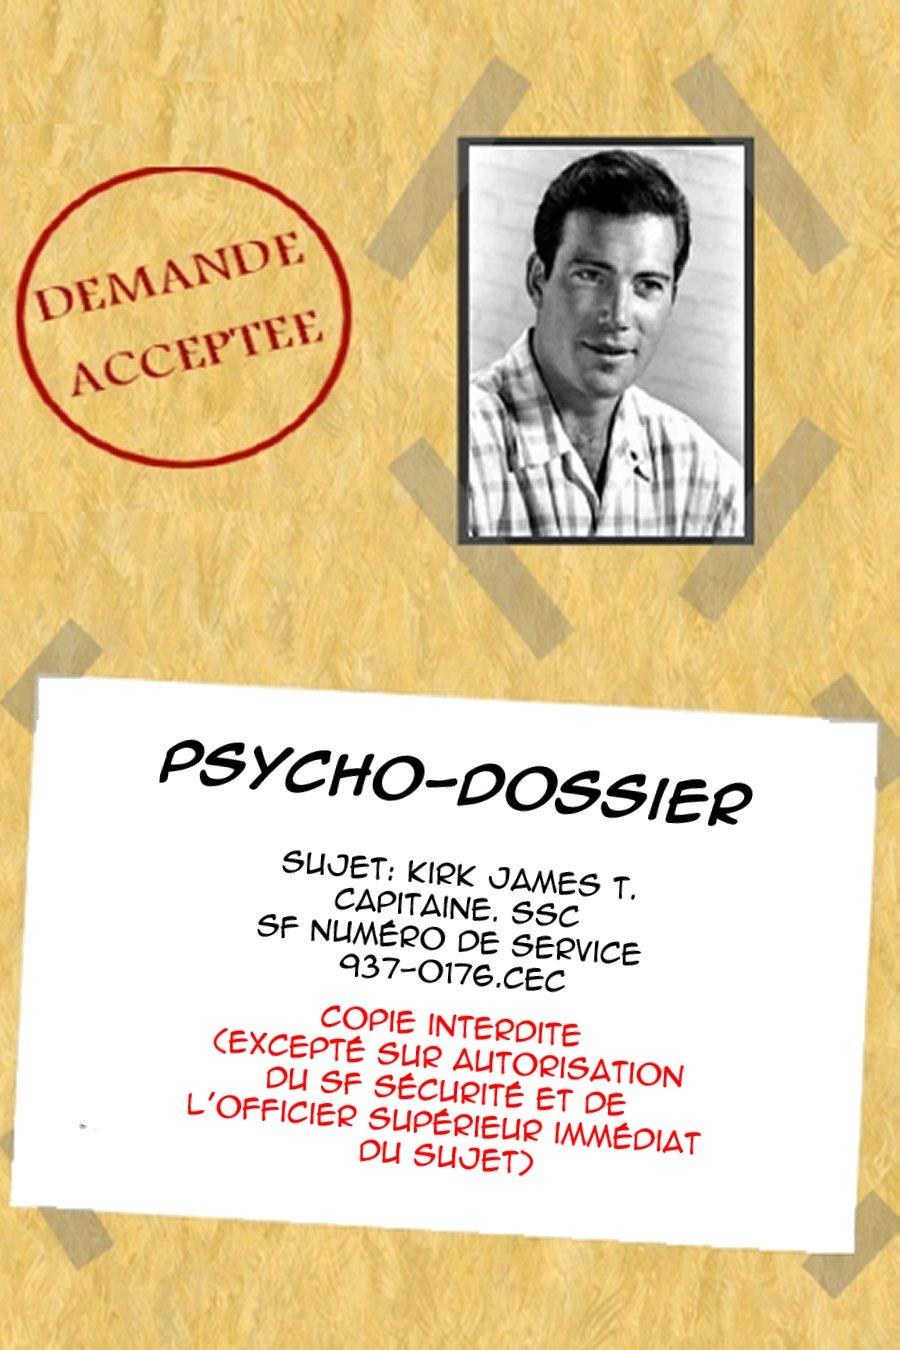 Psycho-dossier (Gold key) 10